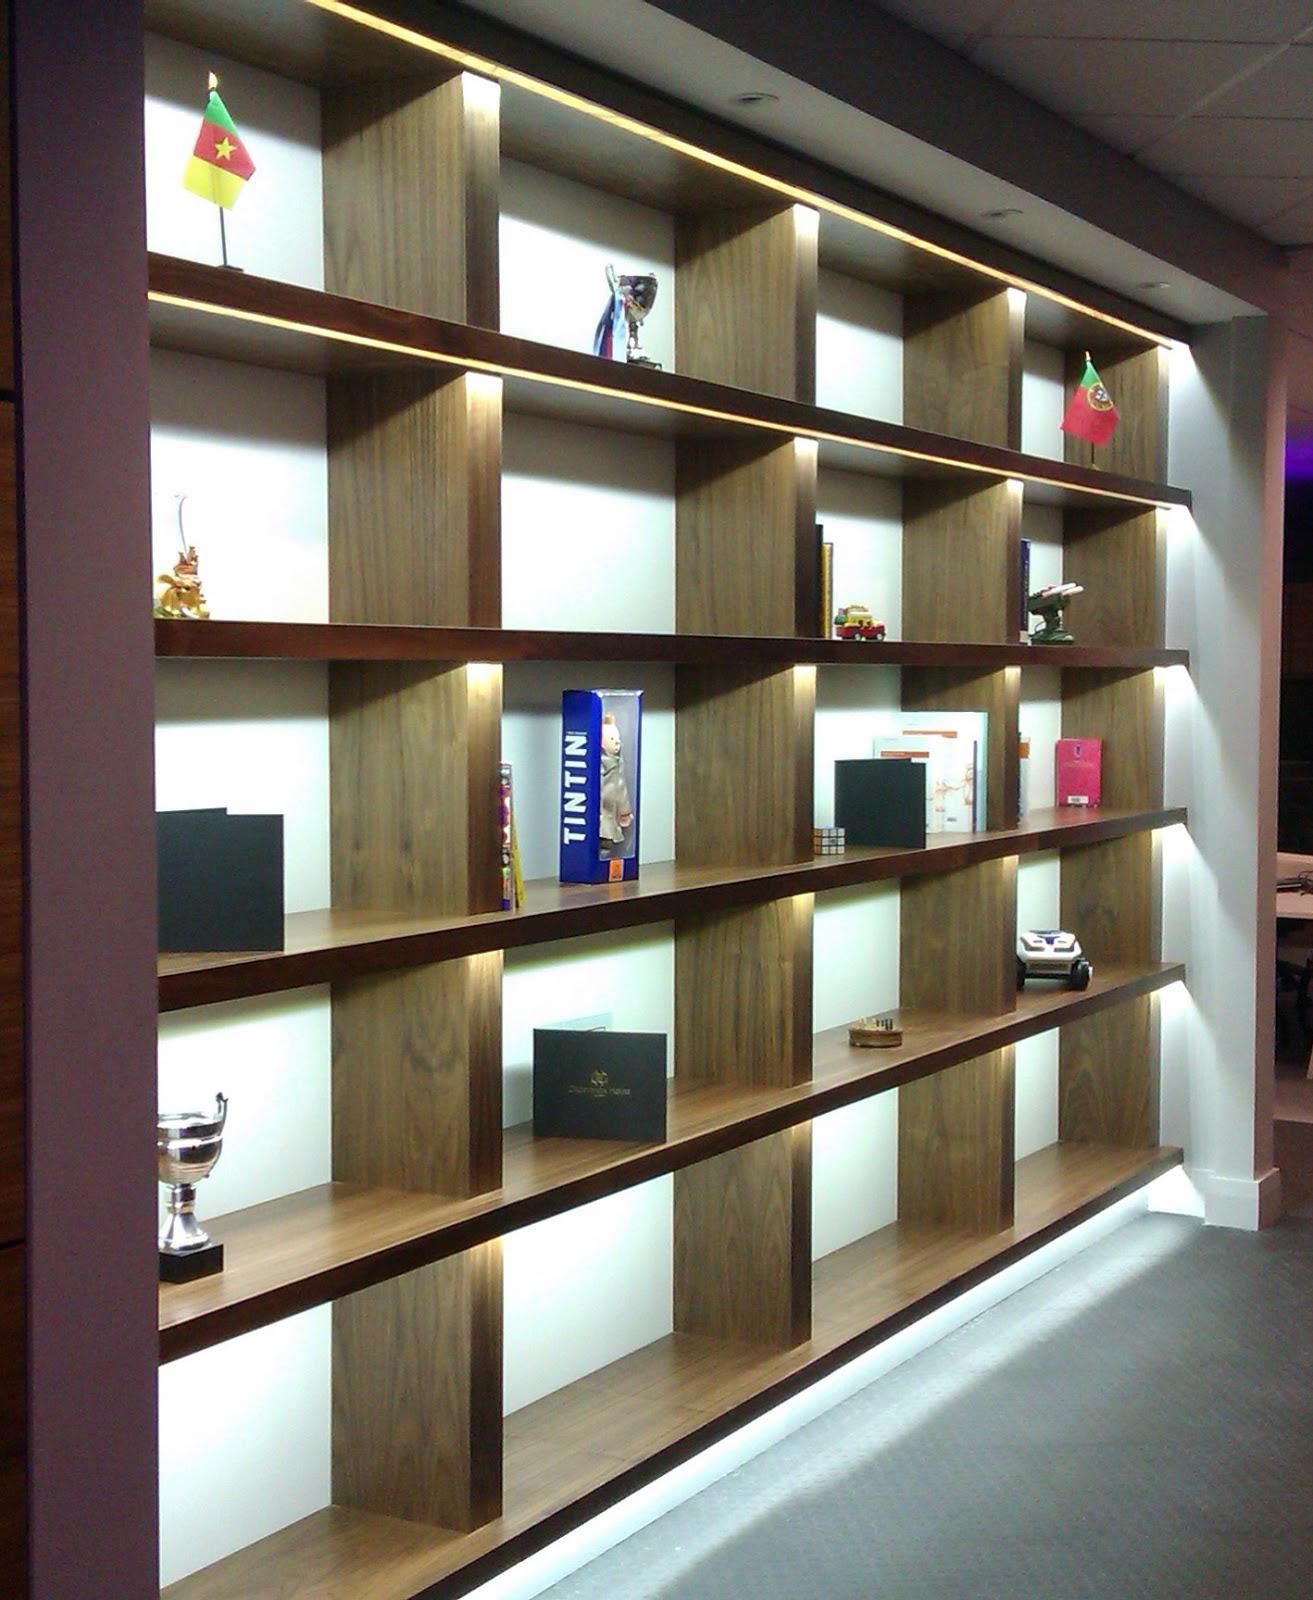 Bookshelf Lighting Lights For Bookcases Pictures Yvotubecom